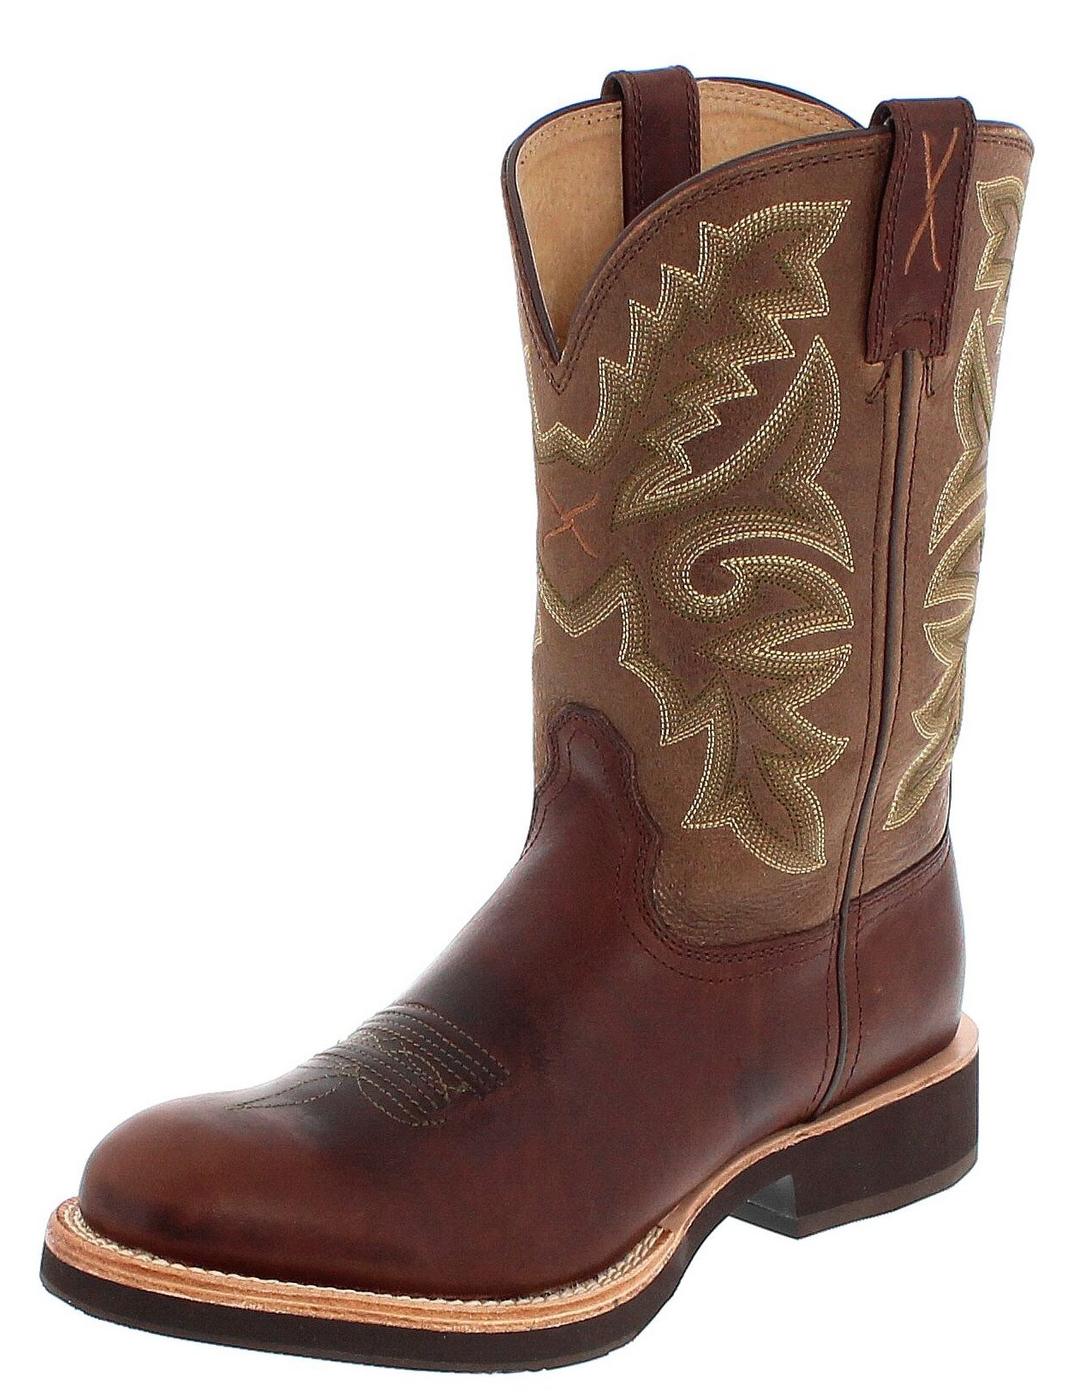 Twisted X Boots 1692 HORSEMAN Chocolate Brown Herren Westernreitstiefel - braun